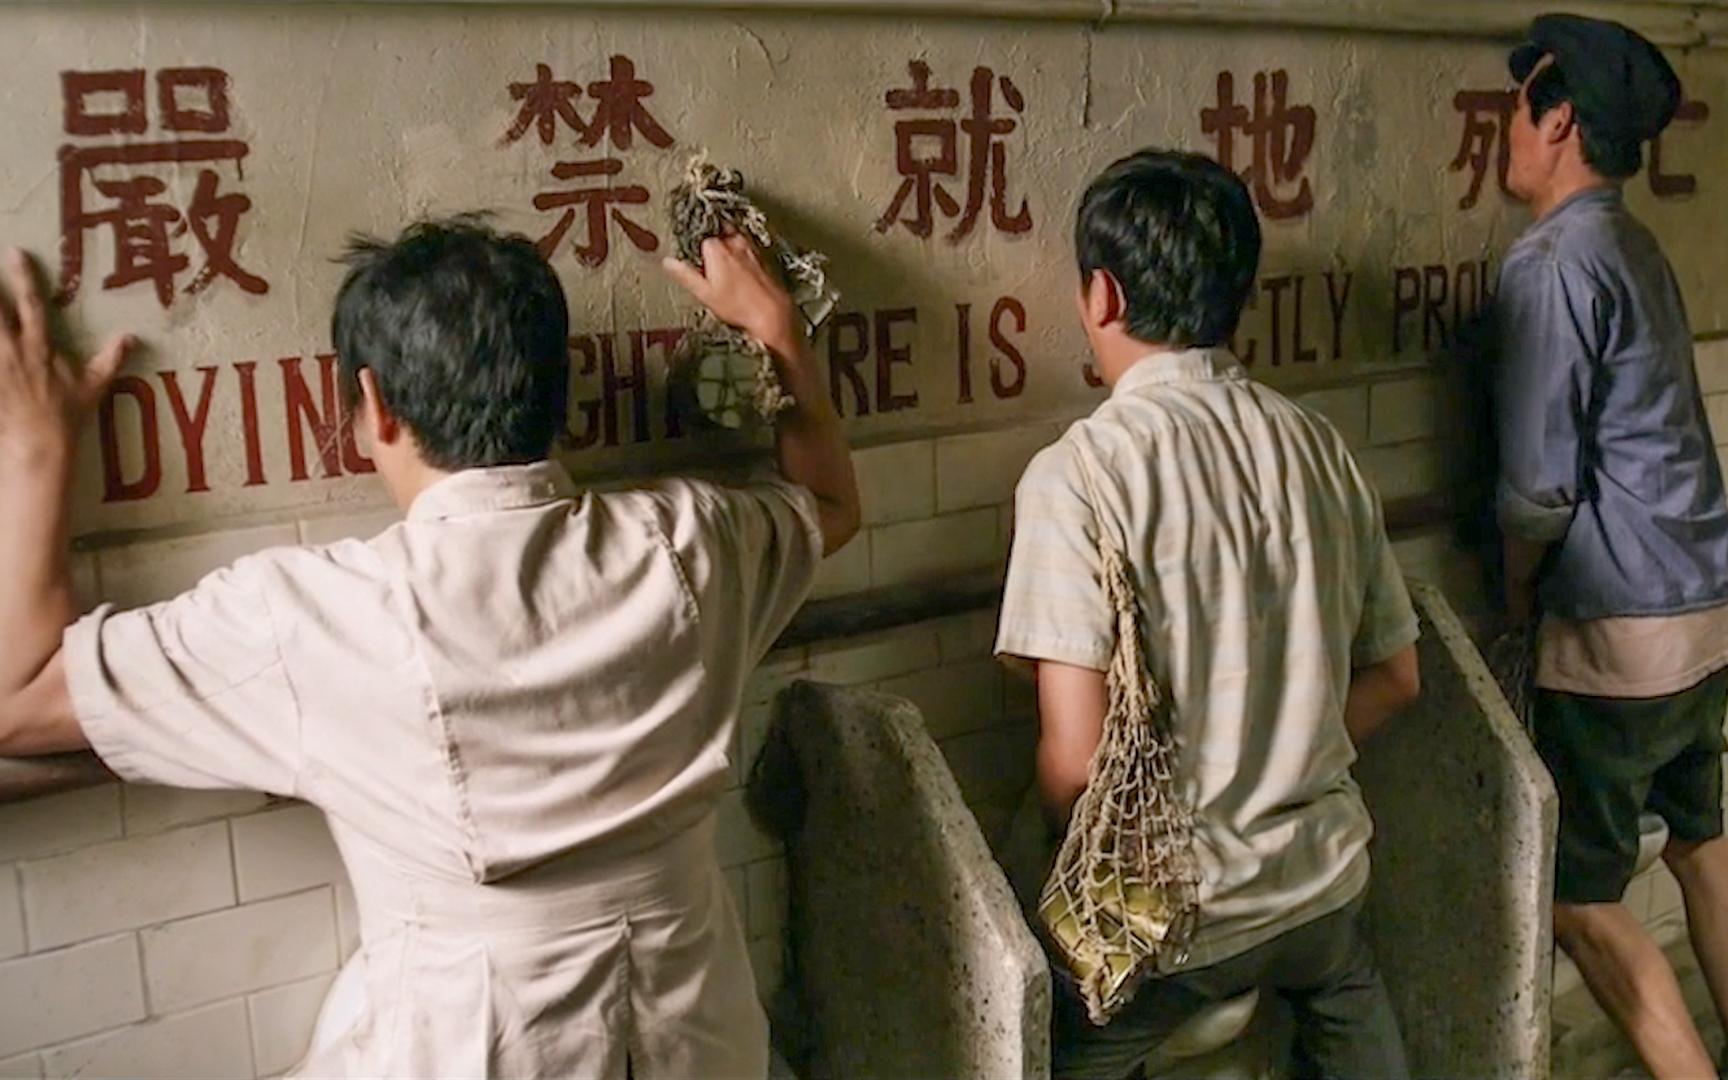 姜文被毙掉的敏感国产题材,却被韩国买走了版权,拍了出来!《许三观》